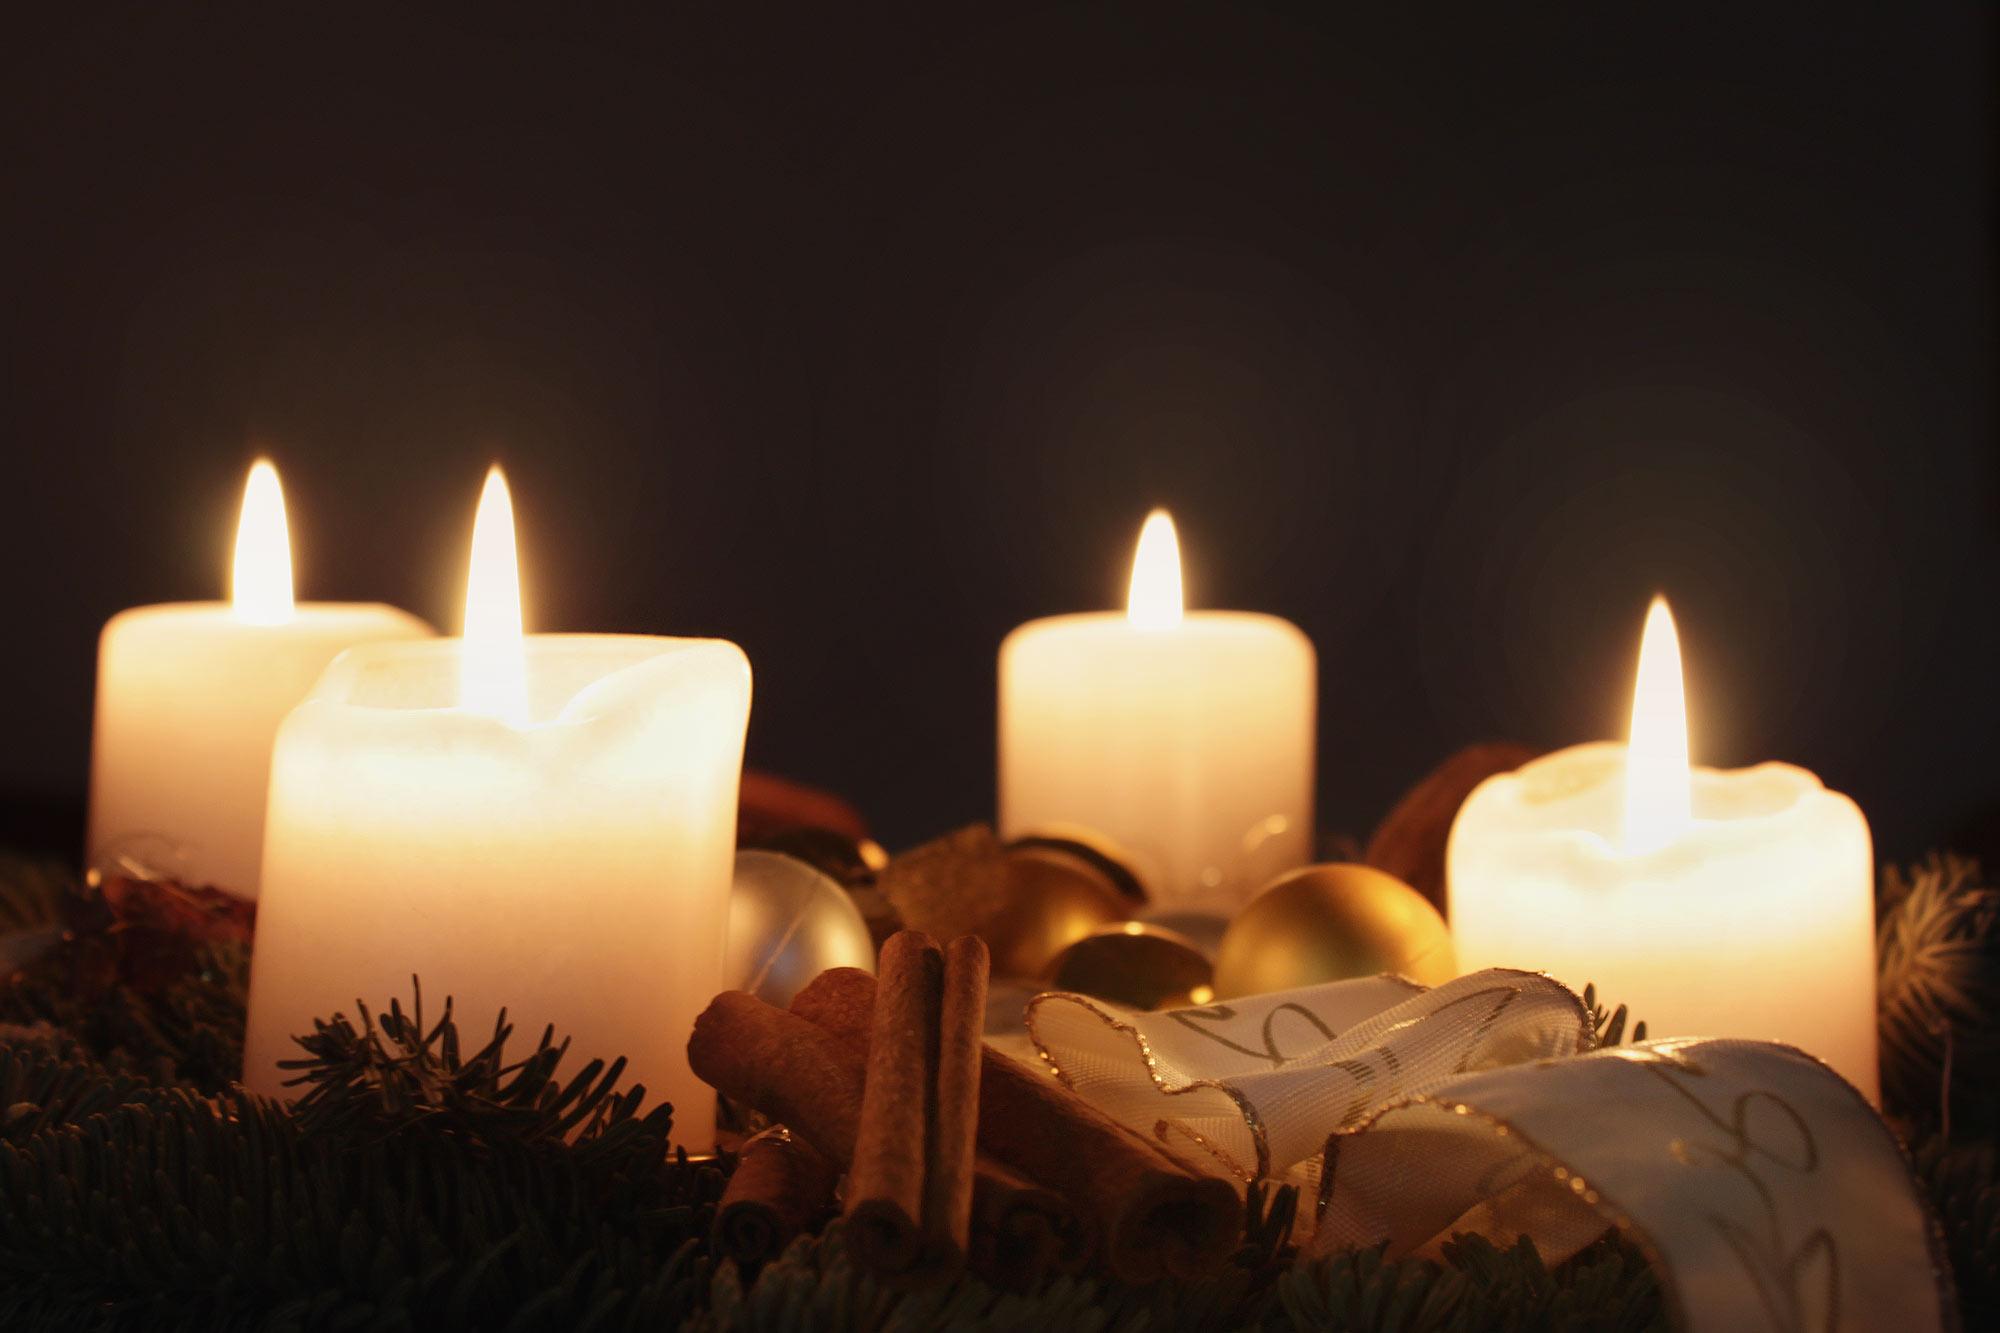 4. Advent - Kostenlose Bilder Download | Titania Foto für Adventsbilder Kostenlosen Download